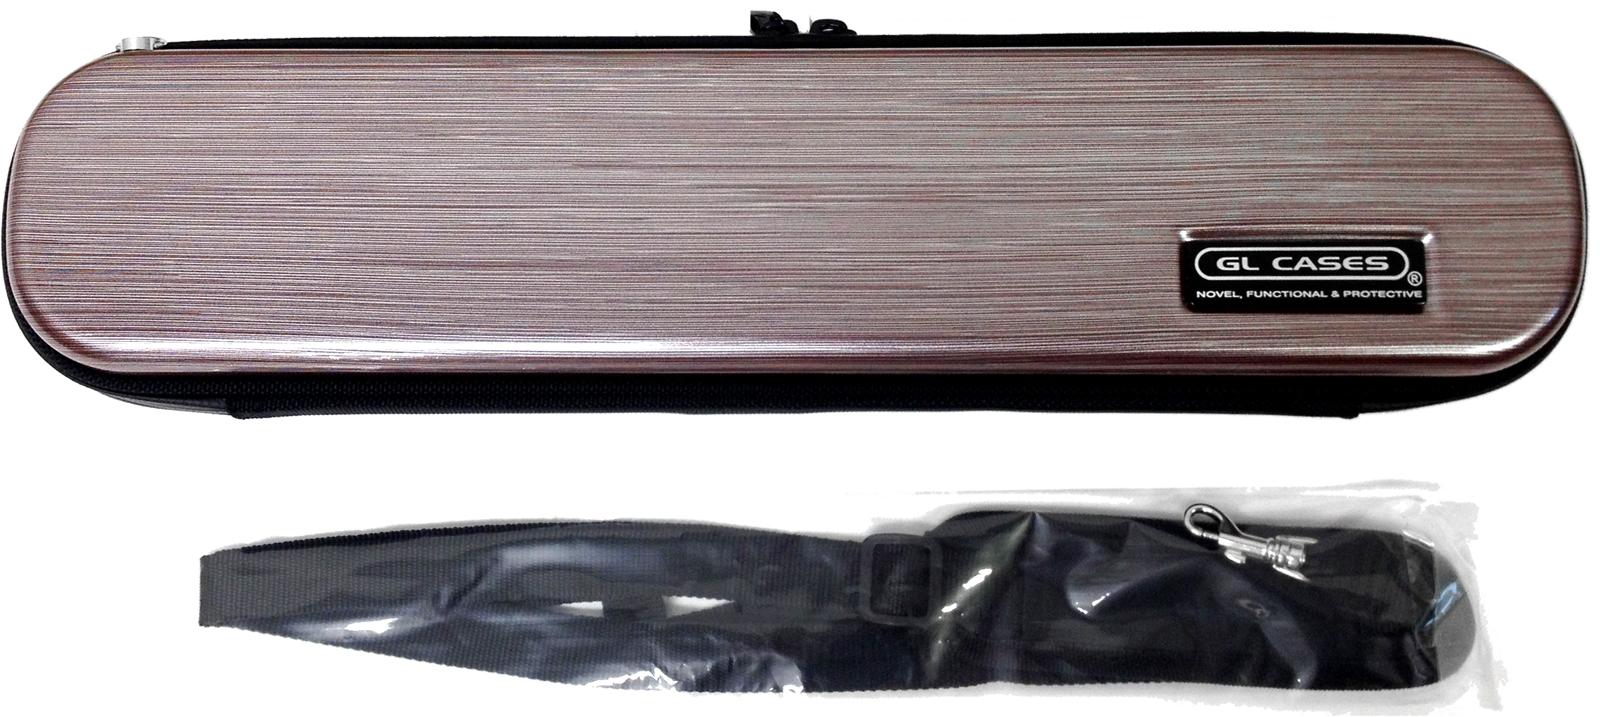 GL CASES ( GLケース ) GLE-FL L23 フルートケース メタリック バーガンディー C管 フルート ハードケース 管楽器 ケース flute cases